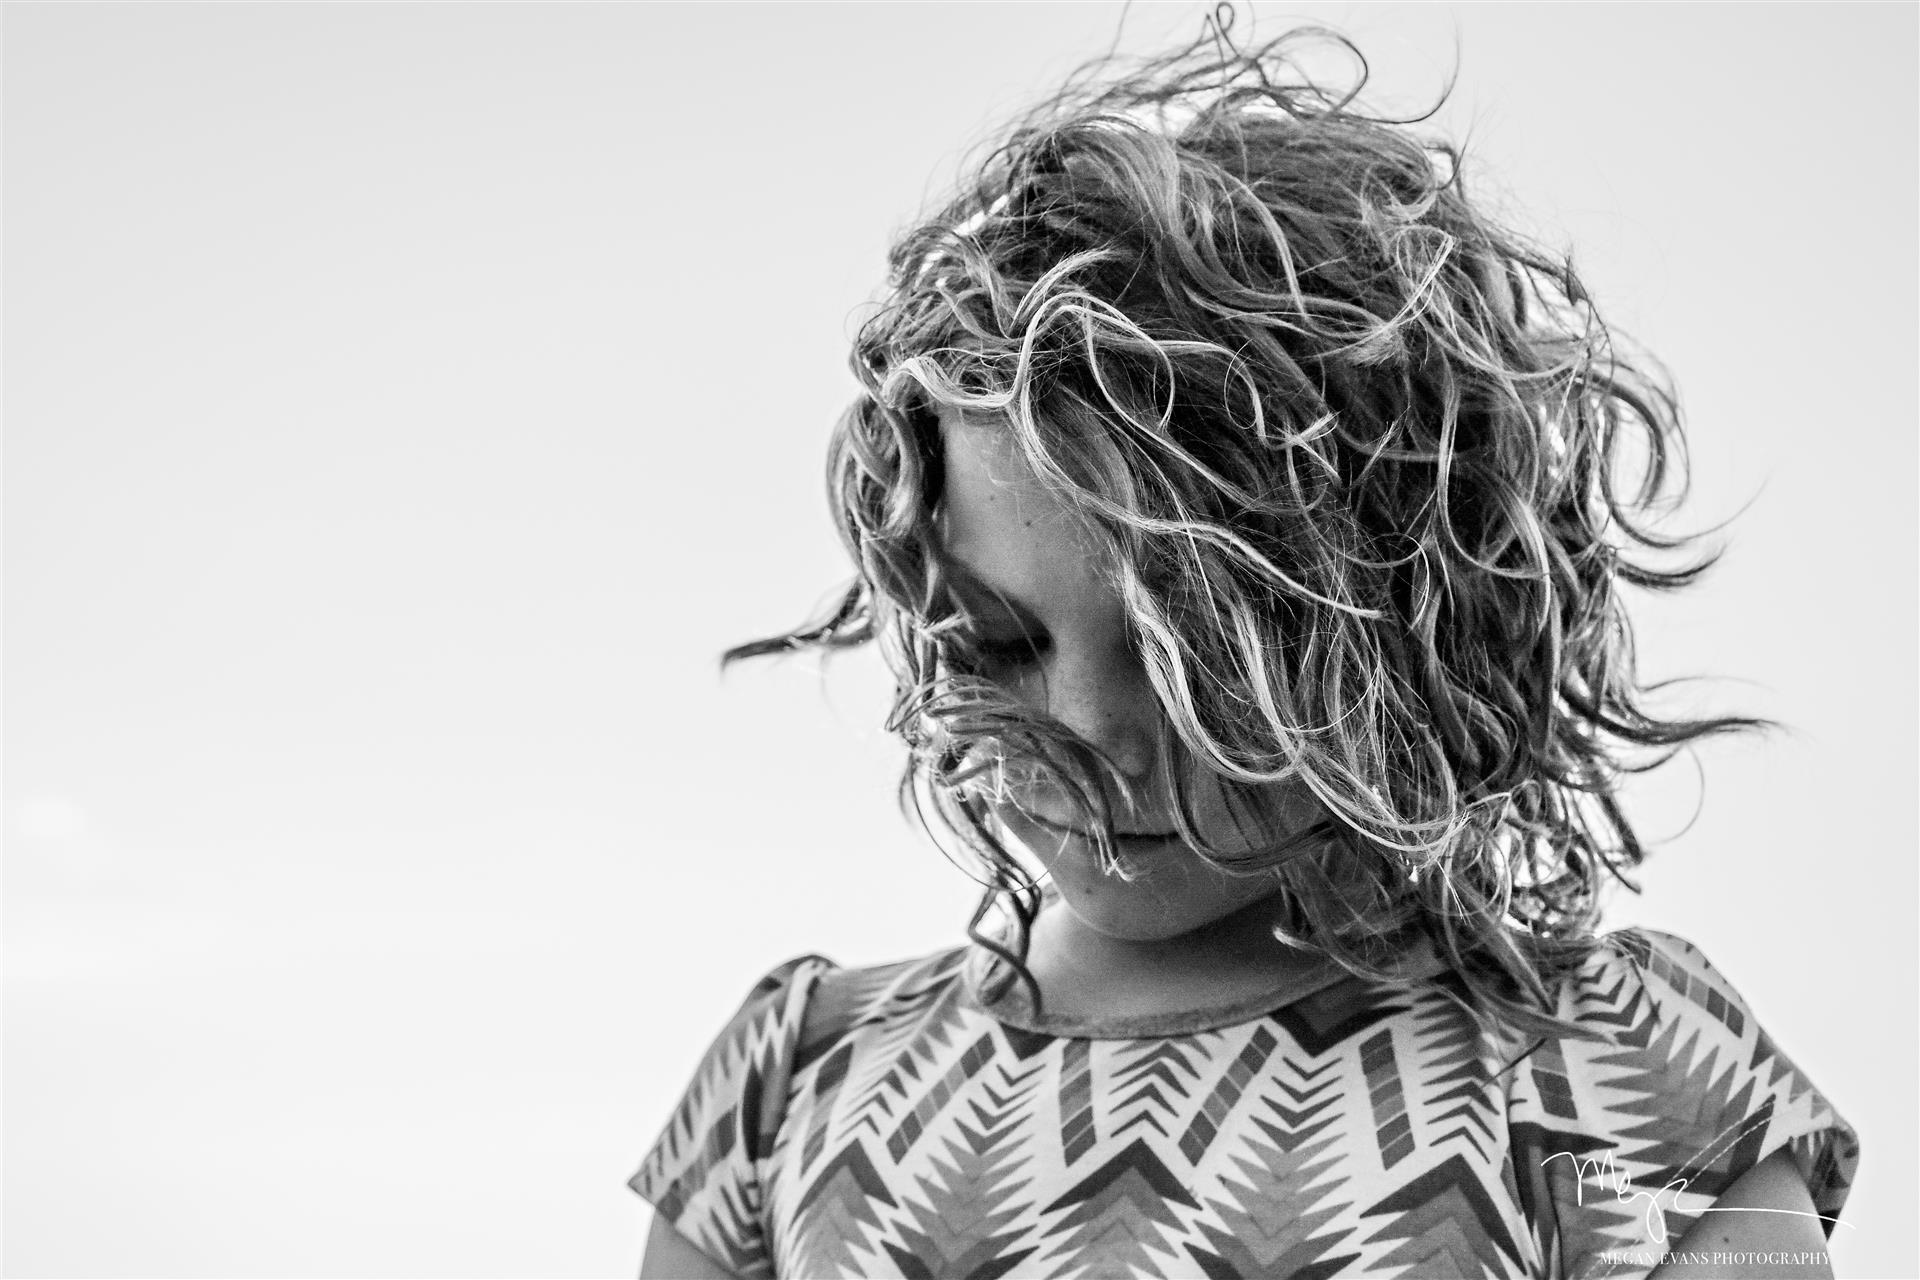 Пляжные волосы, Меган Эванс / Megan Evans, Одентон, Фотоконкурс Santa Fe Photographic